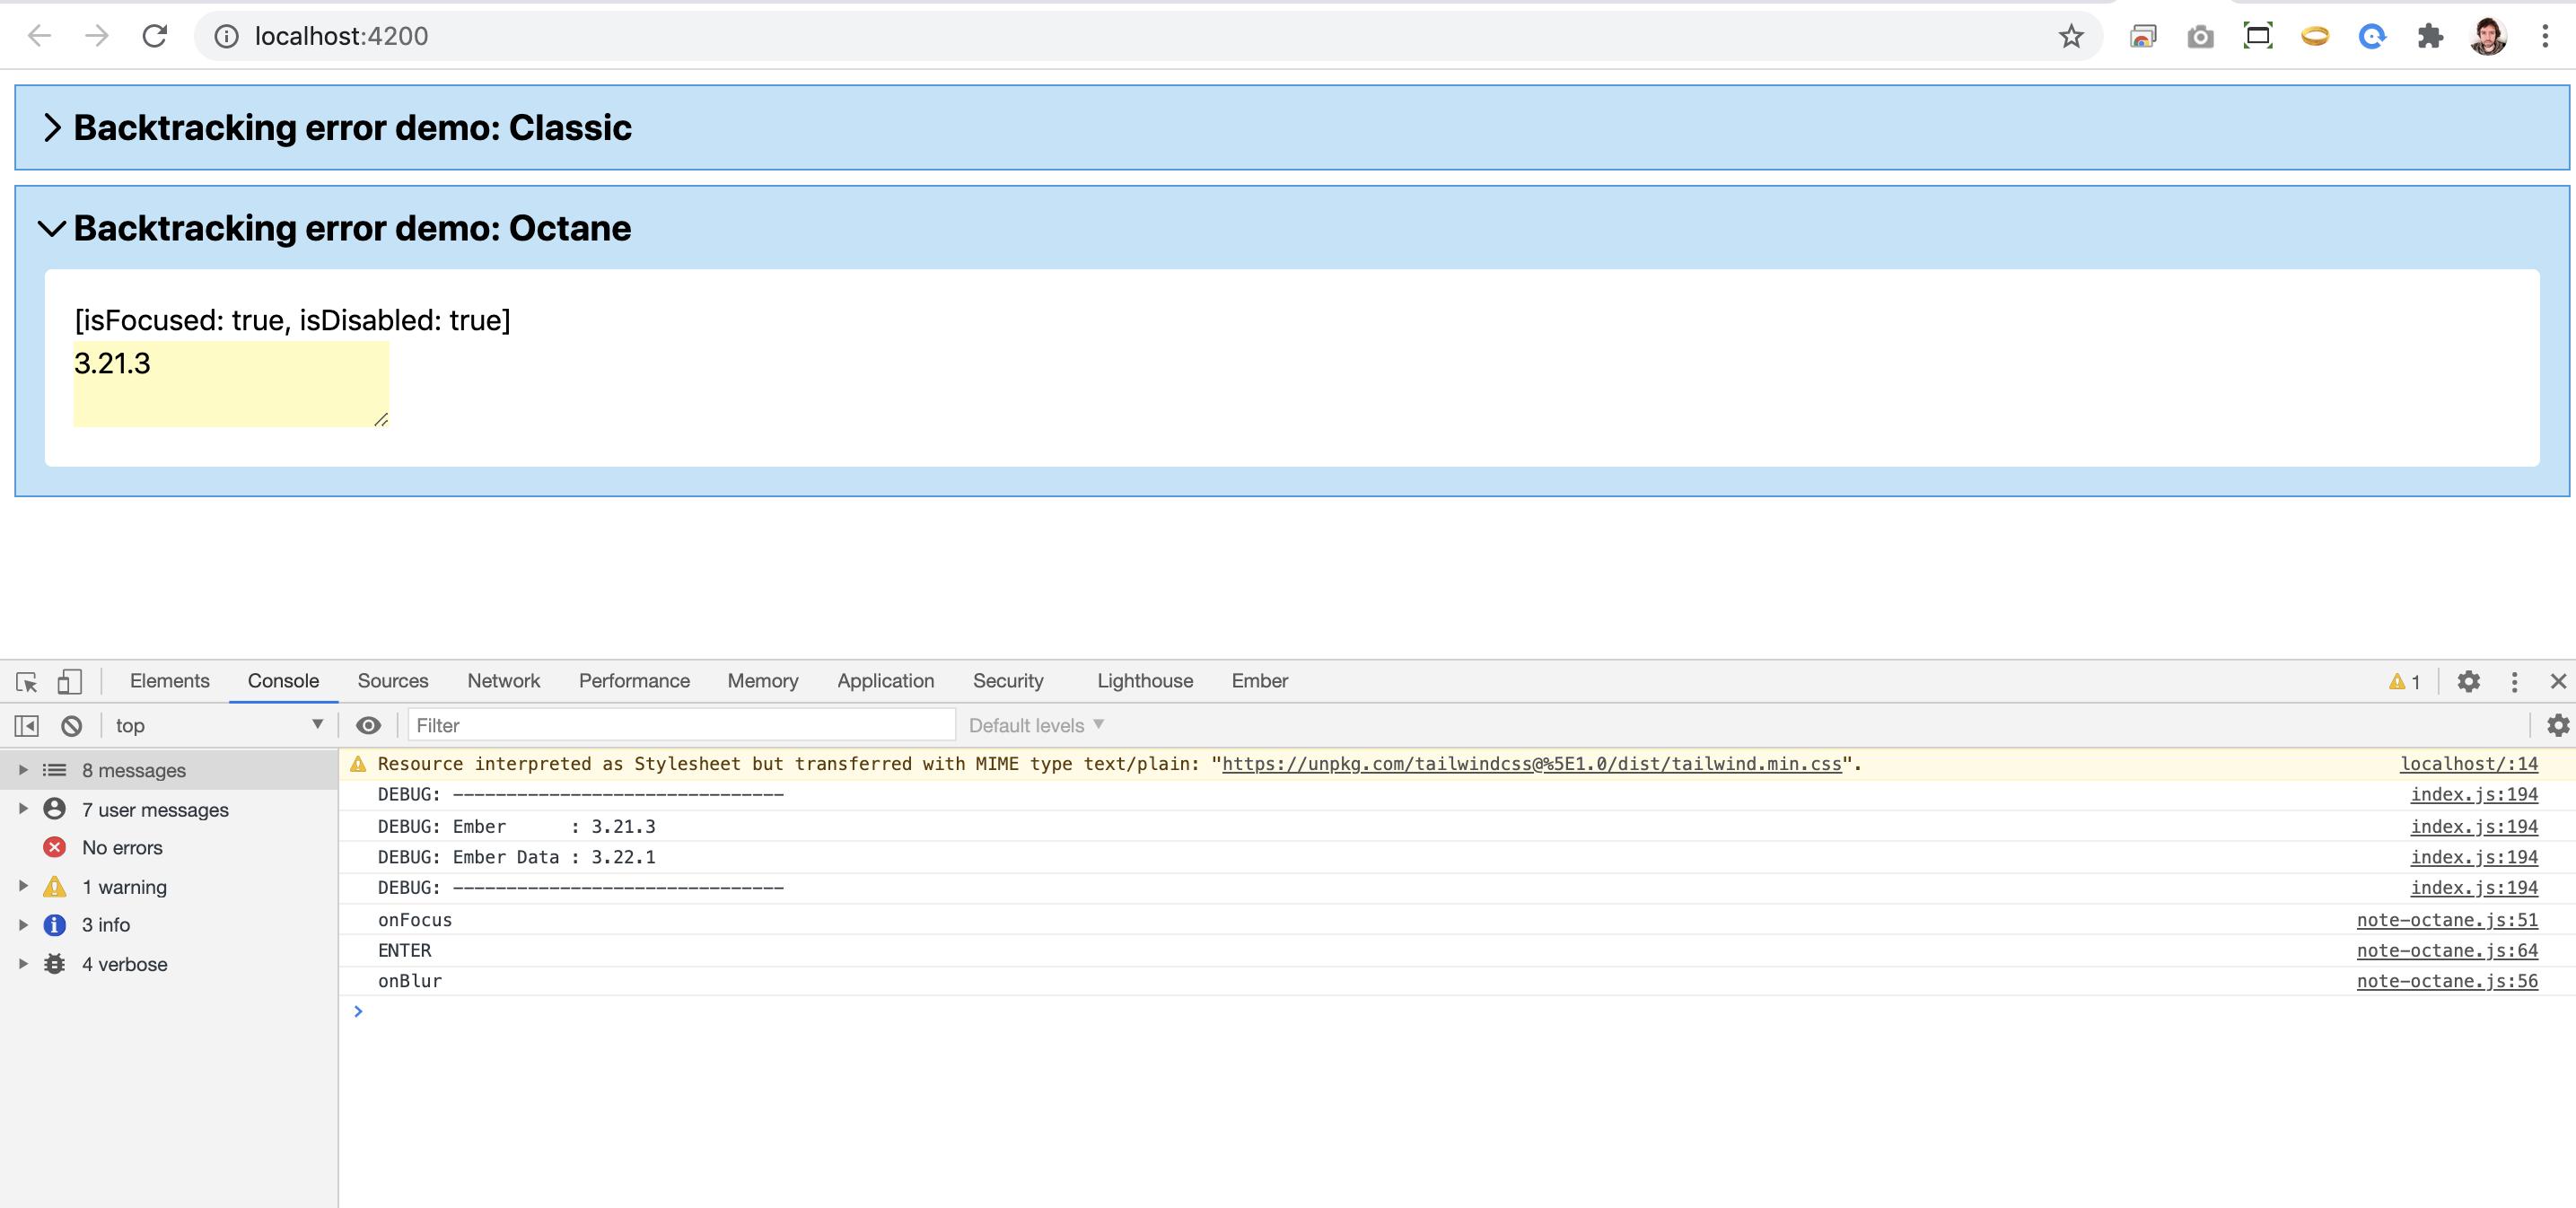 Screenshot 2020-11-27 at 12 27 14